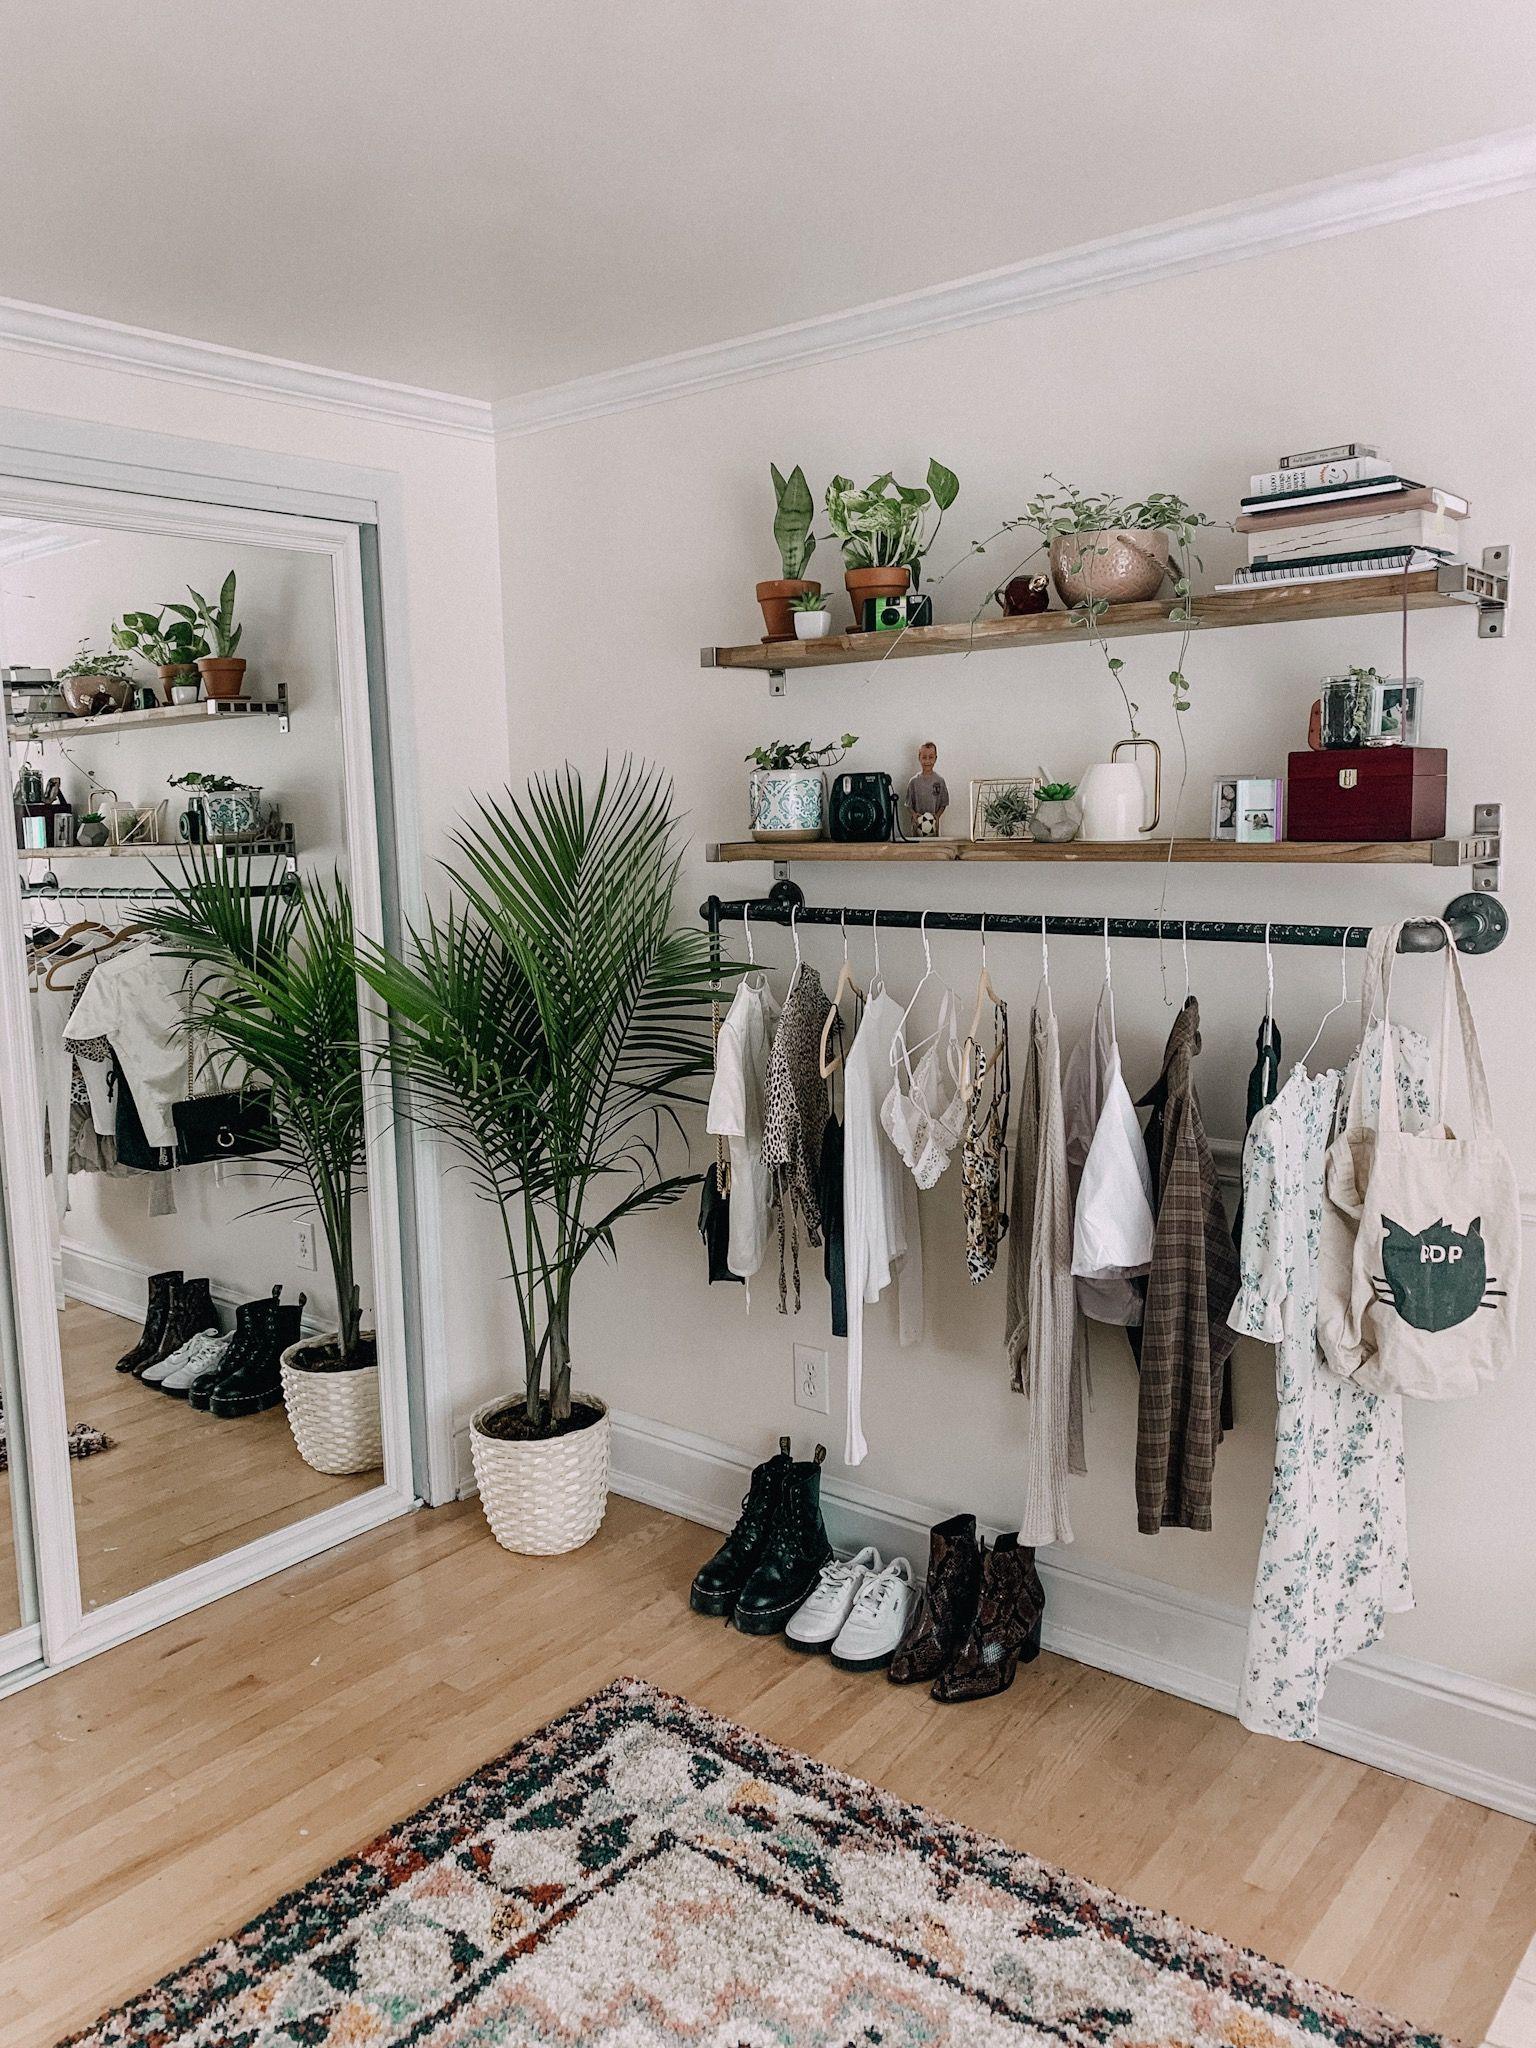 Photo of DIY $ 40 Kleiderständer#diy #kleiderständer #clothingracks DIY $ 40 Kleiderständer#diy